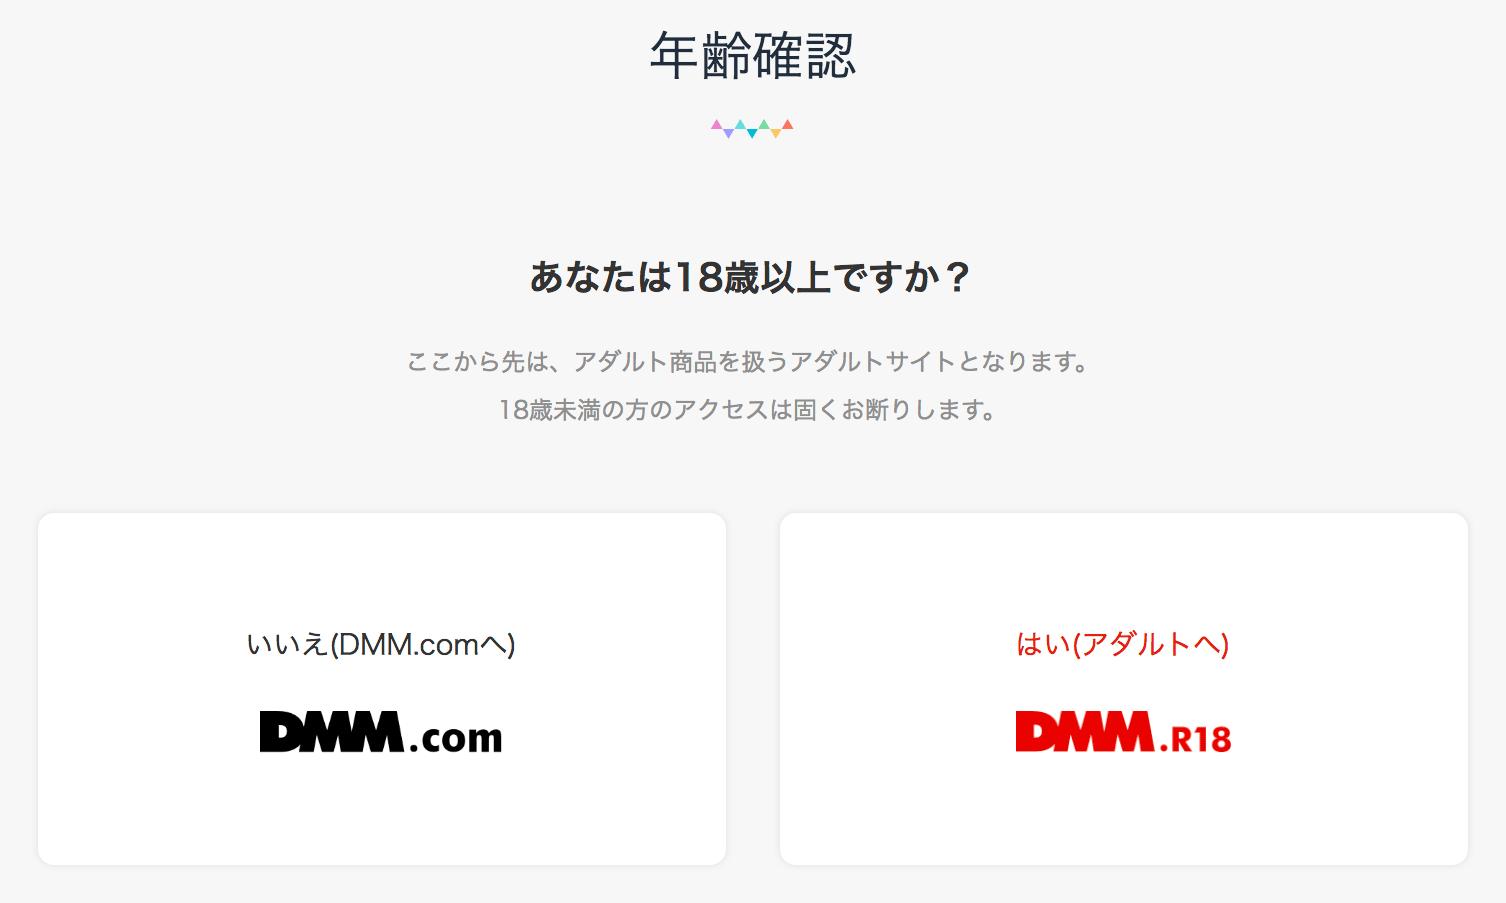 無料Wifiサービスで閲覧不可のページ(アダルトサイトなど)を見る方法